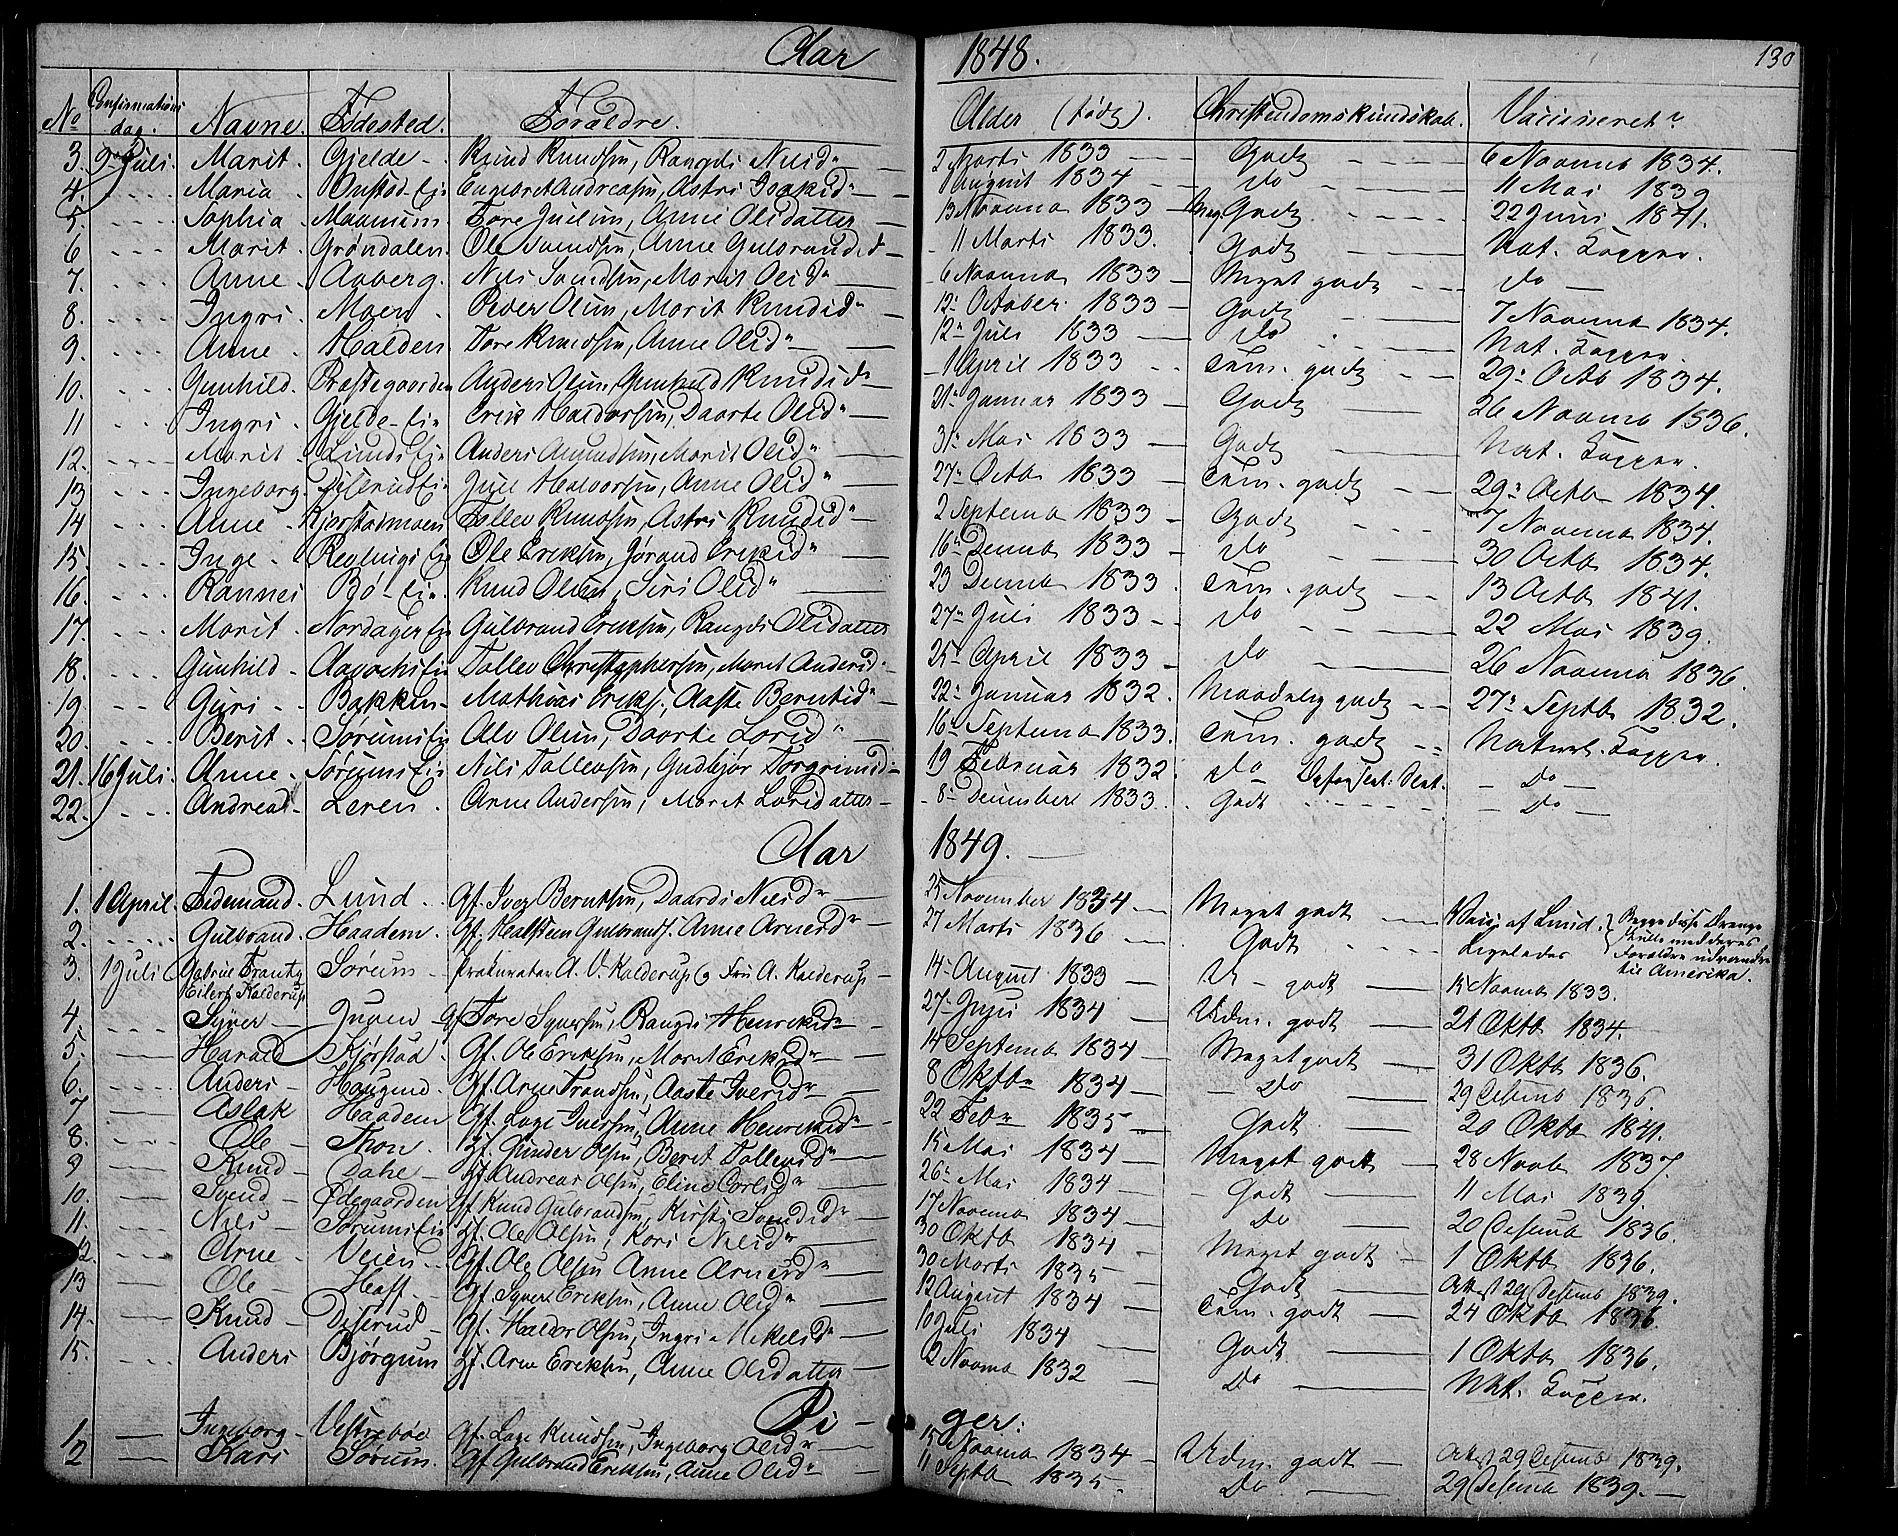 SAH, Nord-Aurdal prestekontor, Klokkerbok nr. 2, 1842-1877, s. 130